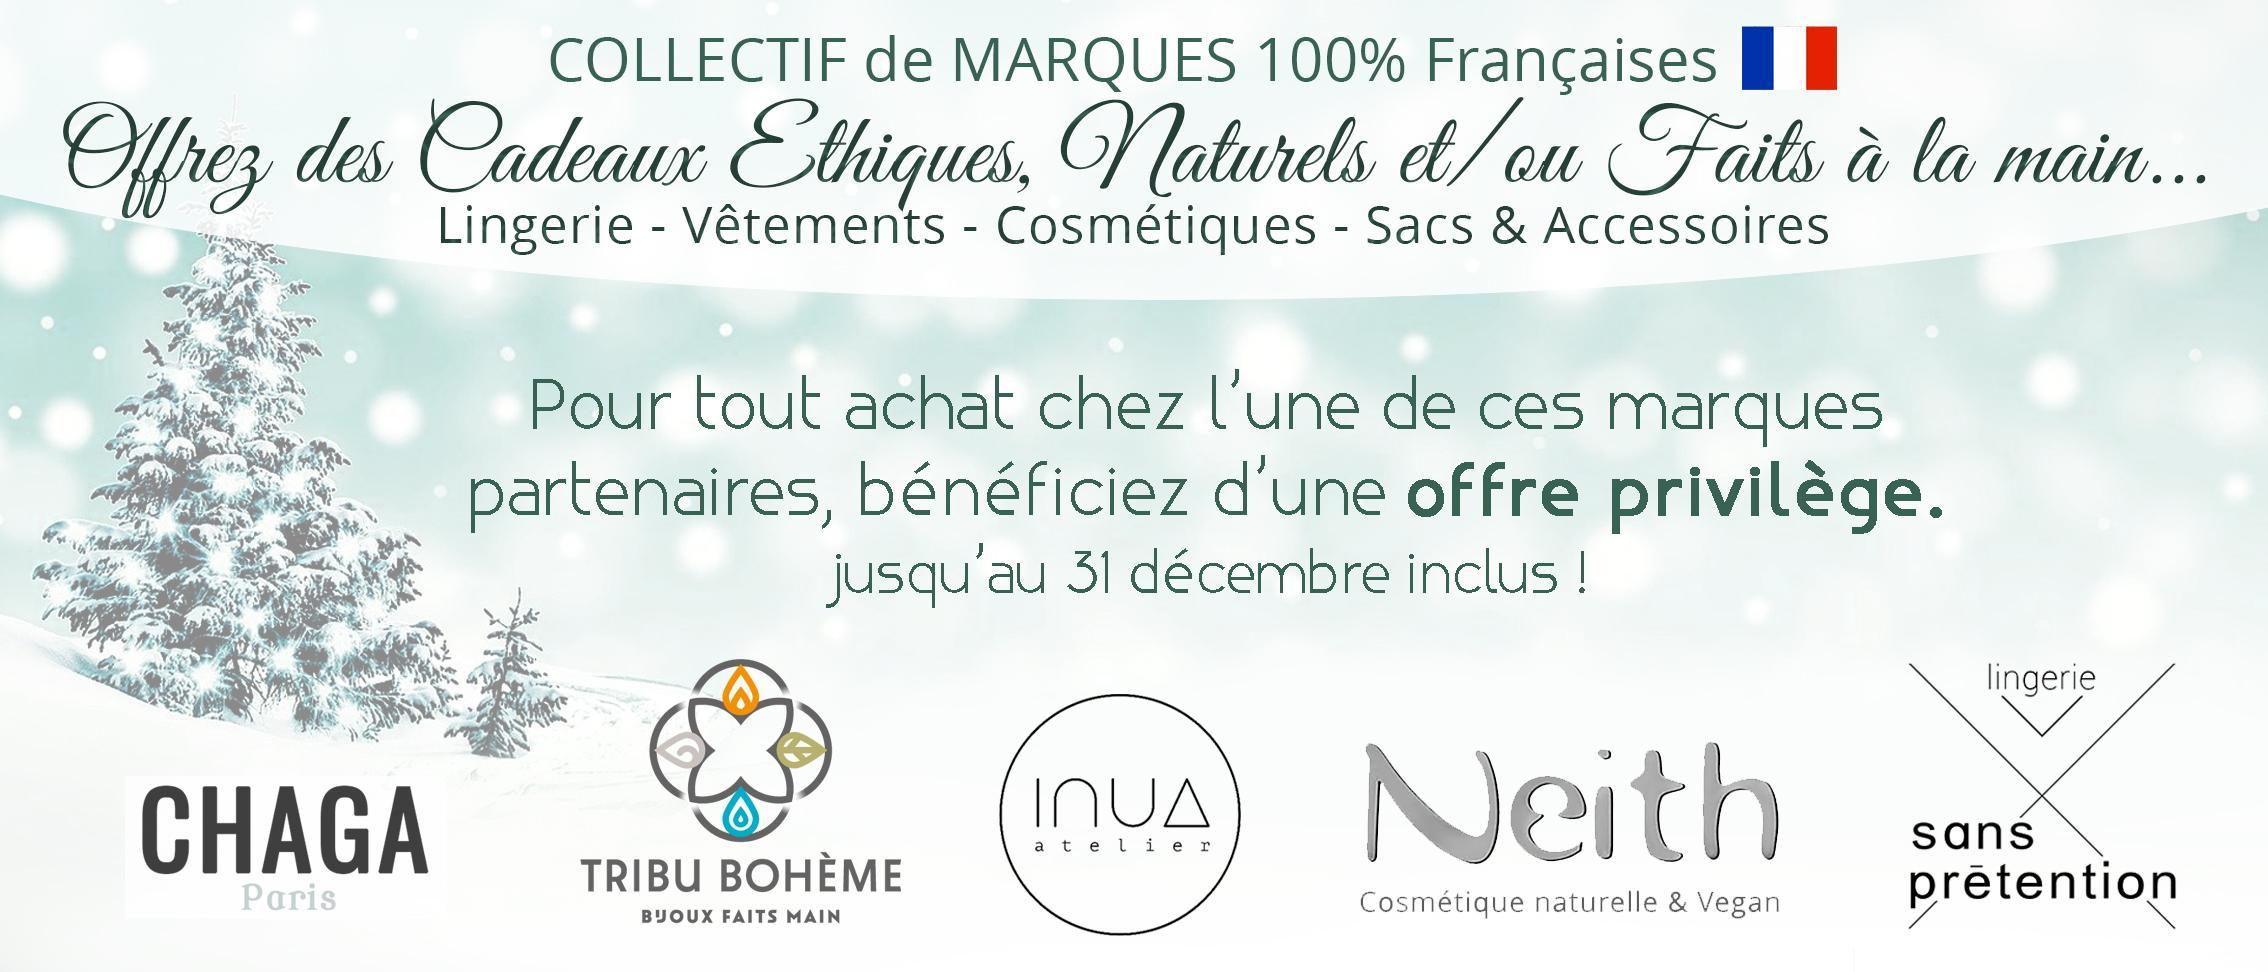 collectif de marques françaises pour offre privilège client pour les fêtes de noël